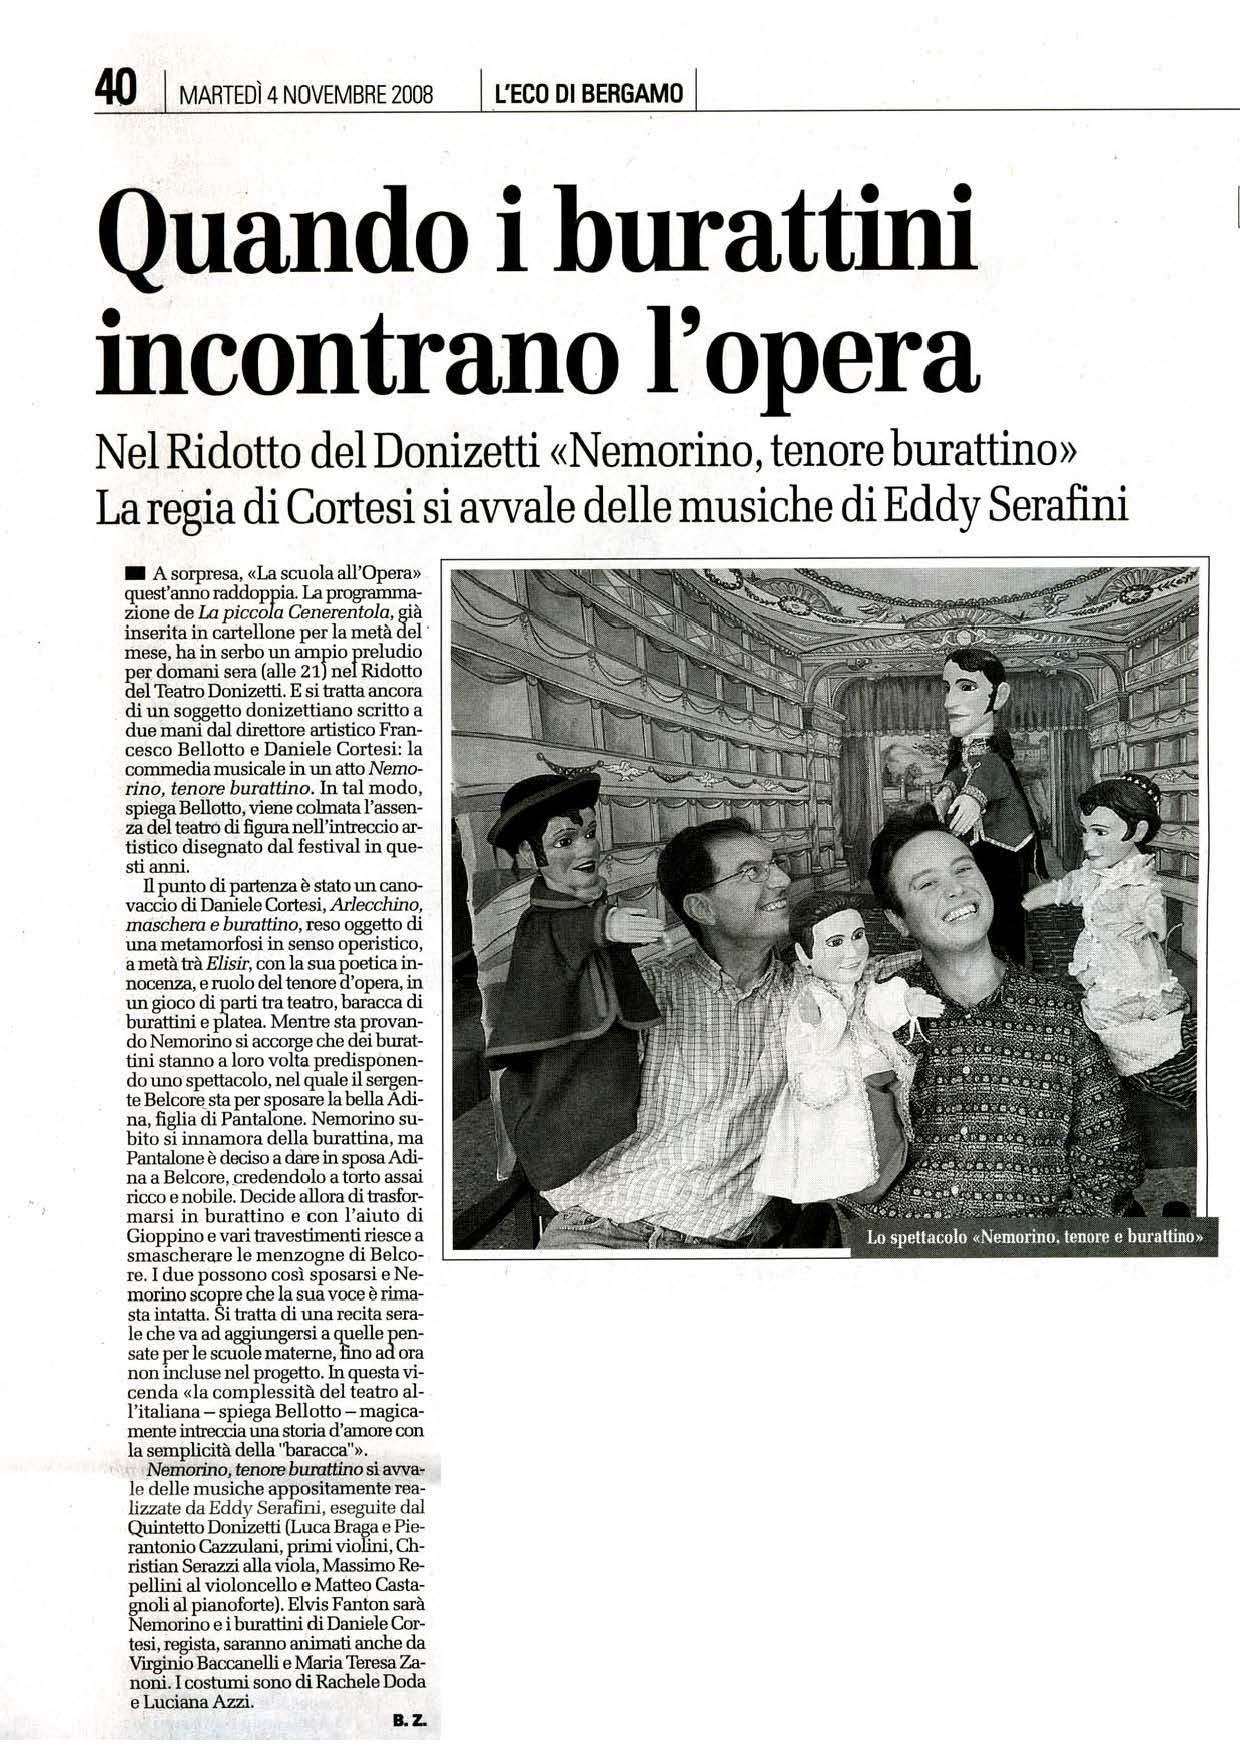 Quando i burattini incontrano l'opera – L'Eco di Bergamo – 4/11/2008